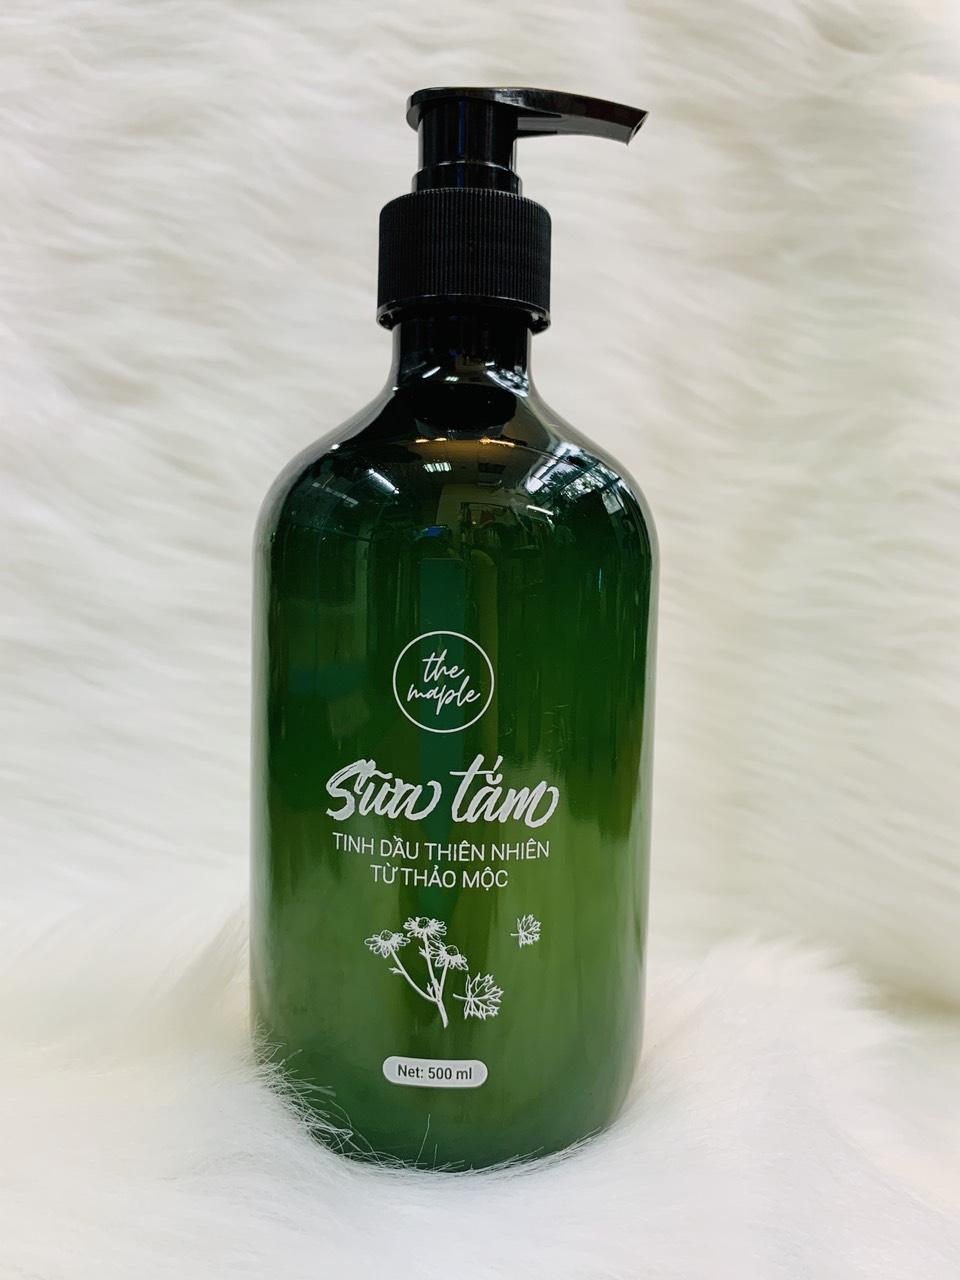 Sữa tắm tinh dầu thiên nhiên từ Thảo Mộc The Maple 500ml